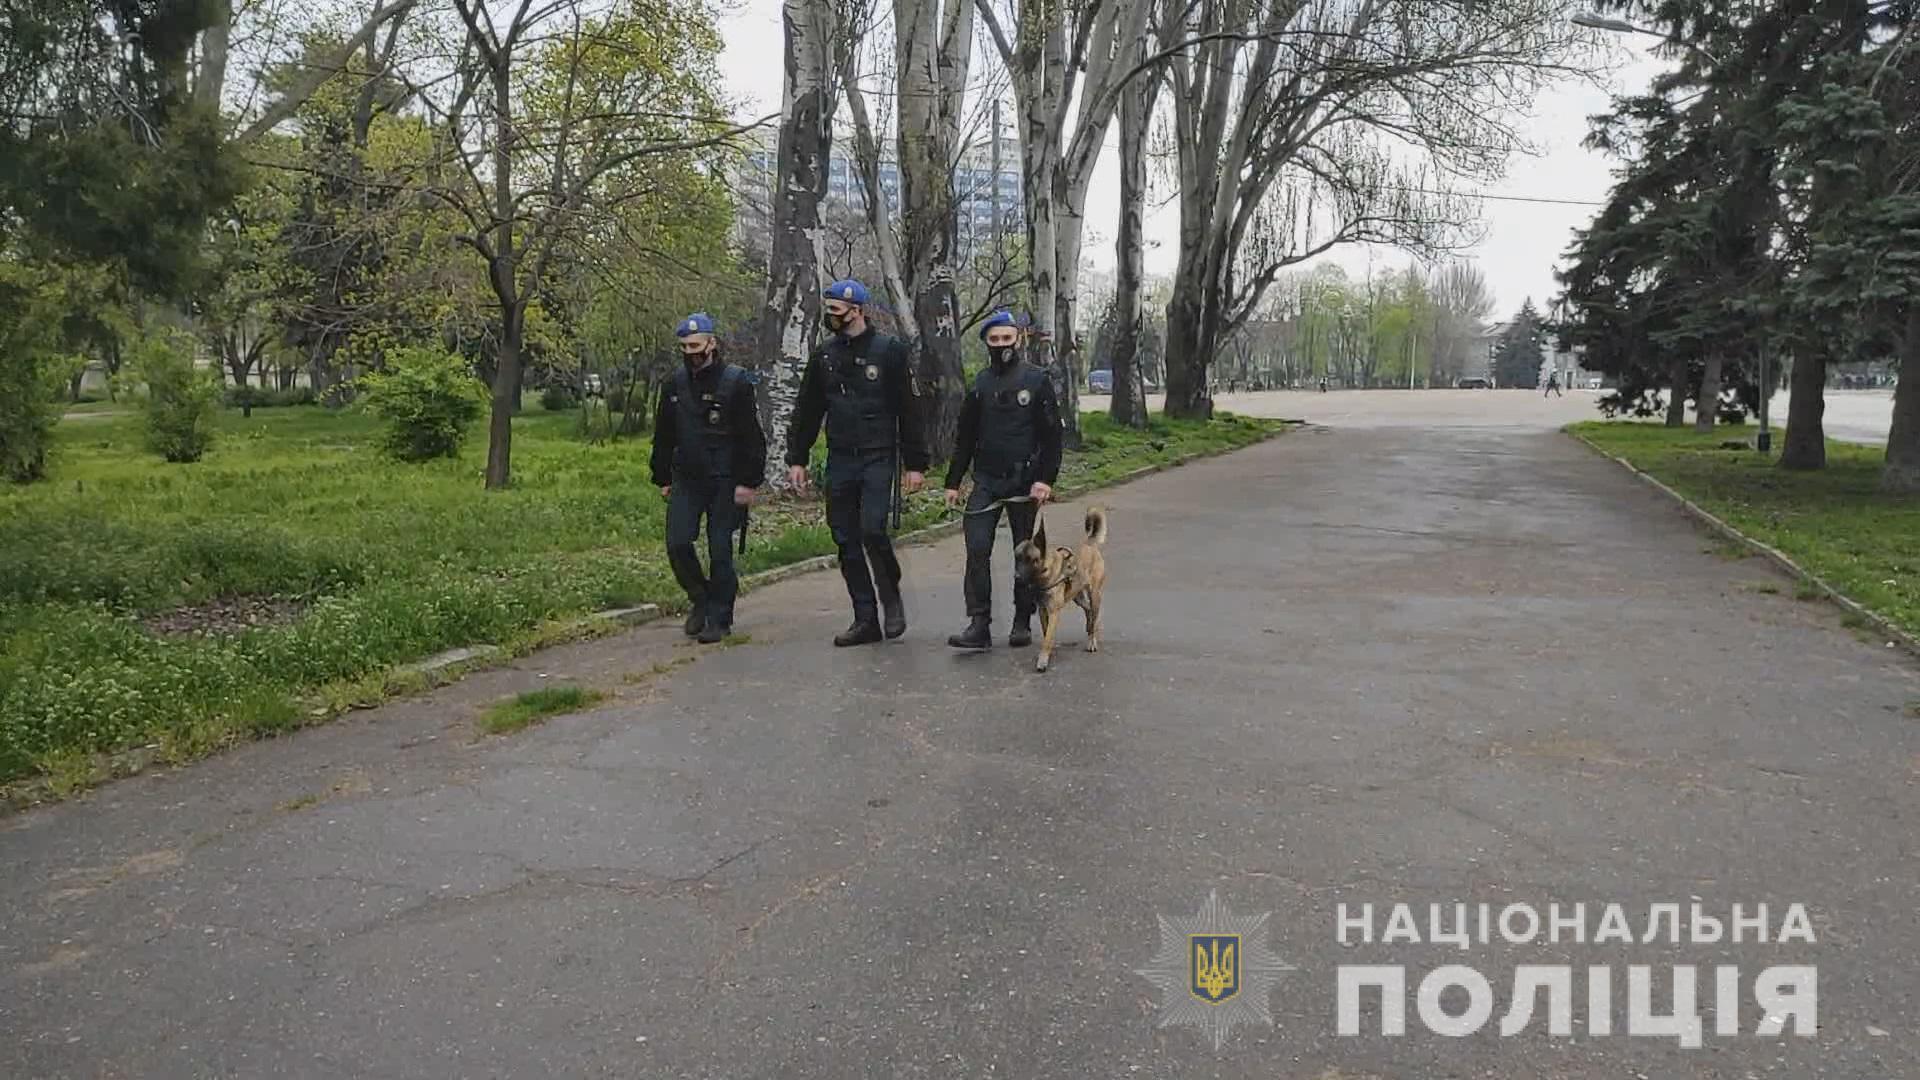 Правоохранители дежурят в центре города.